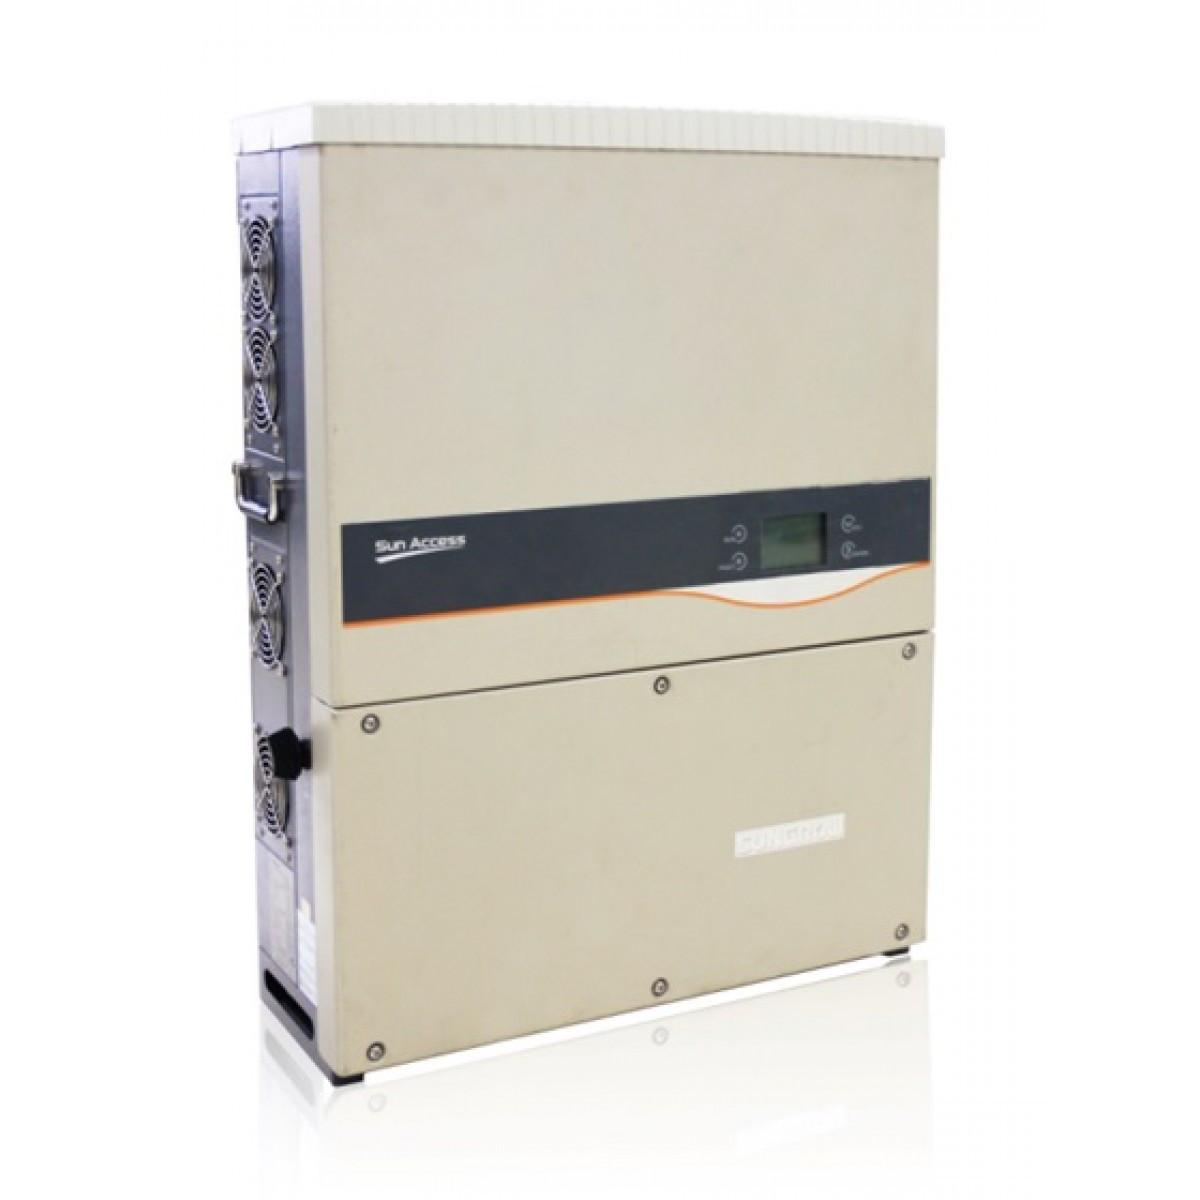 Сетевой инвертор Sungrow SG 30KTL-M-V21 (трехфазный)